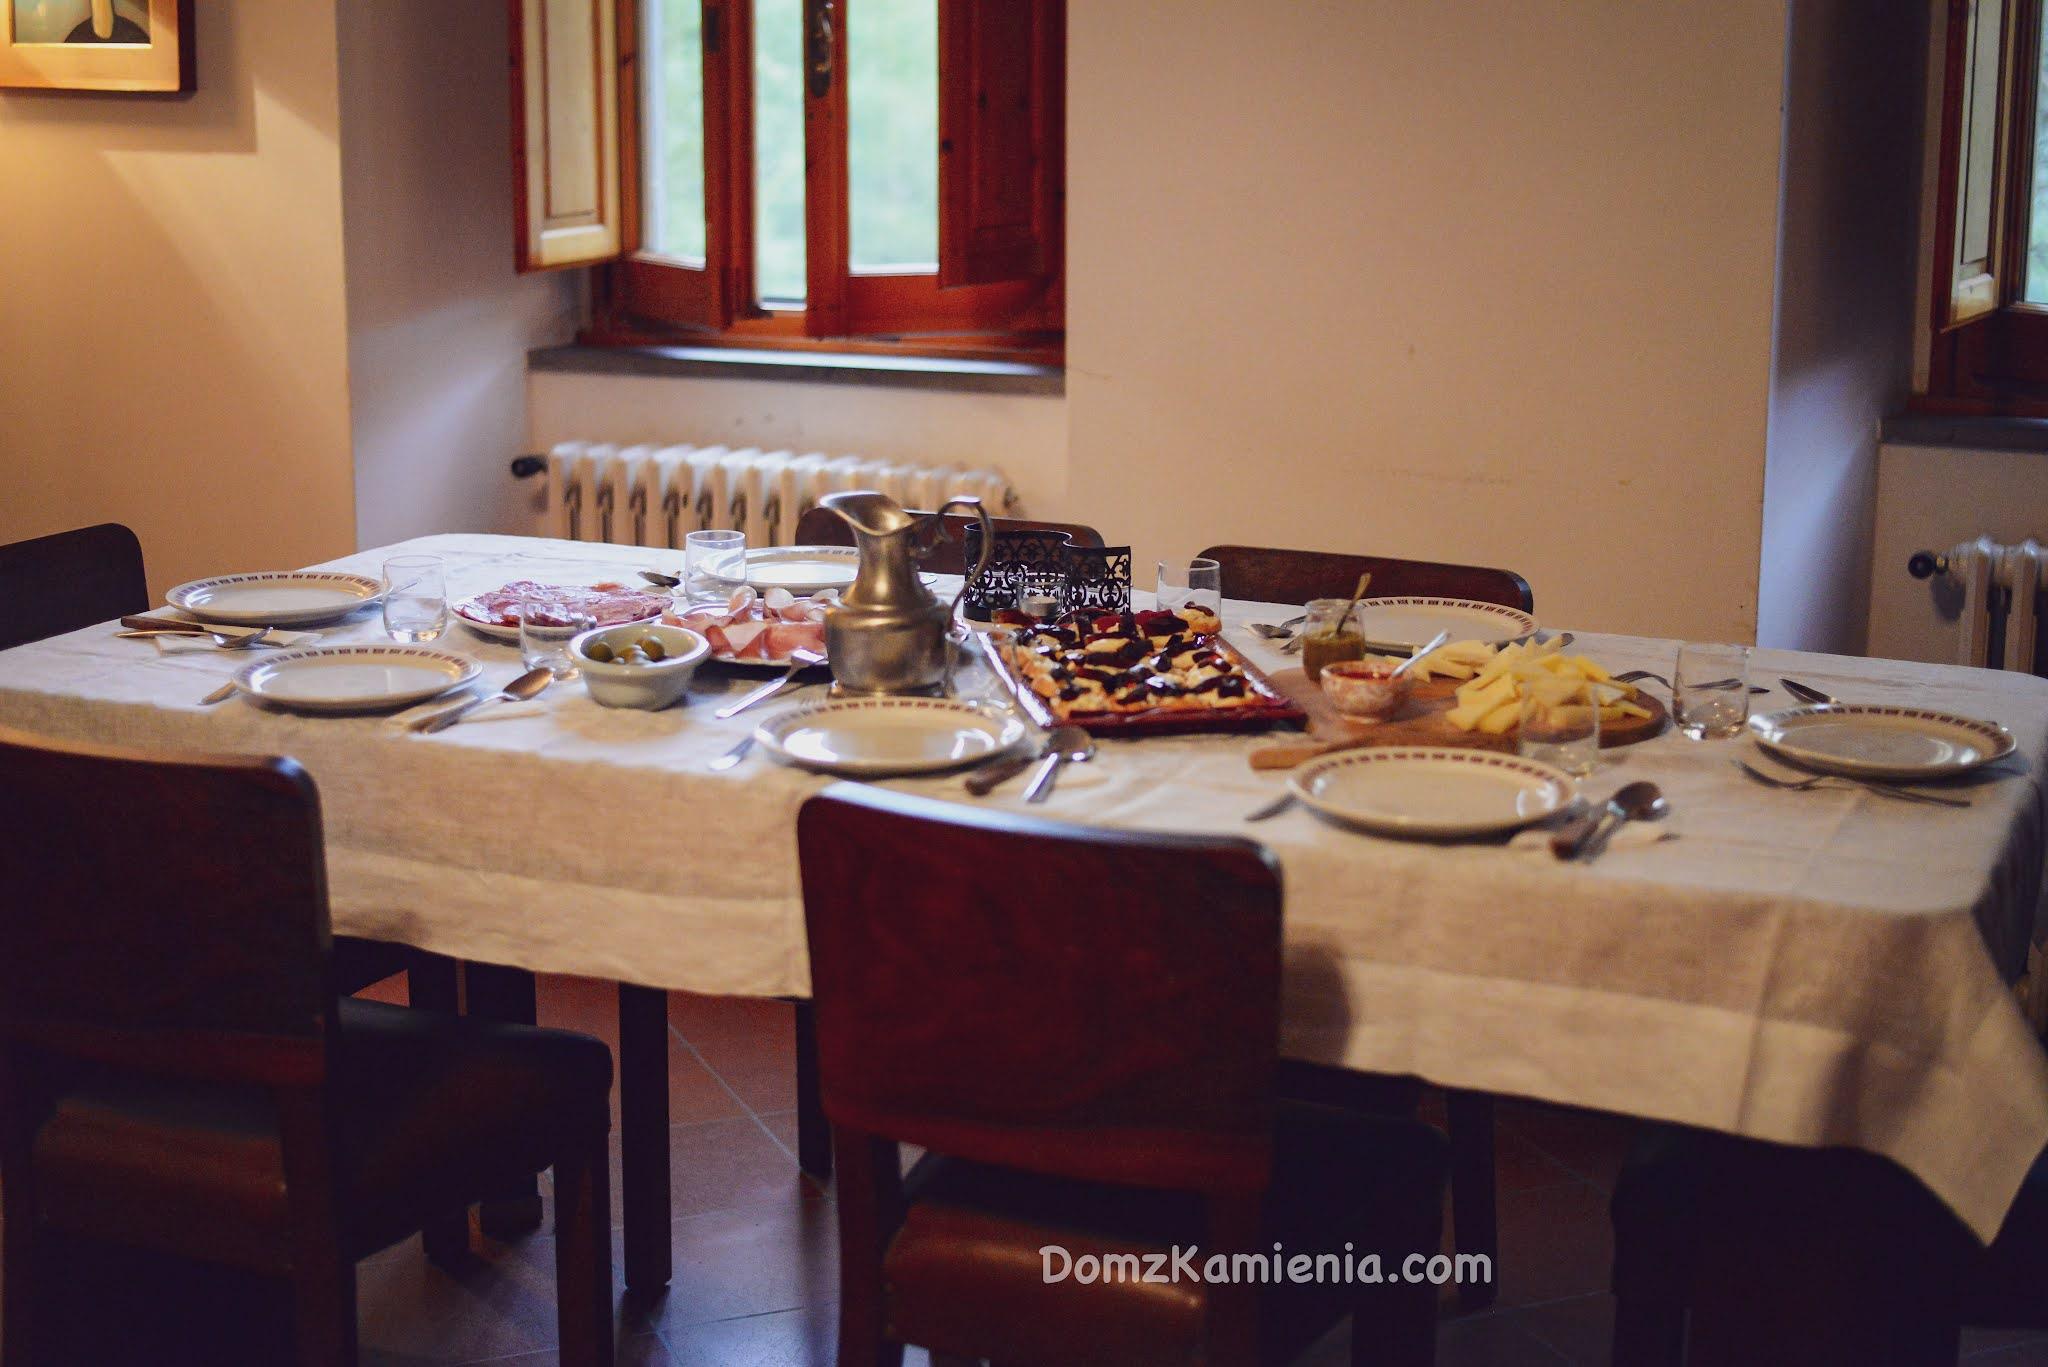 Warsztaty kulinarno trekkingowe - Dom z Kamienia blog, Marradi